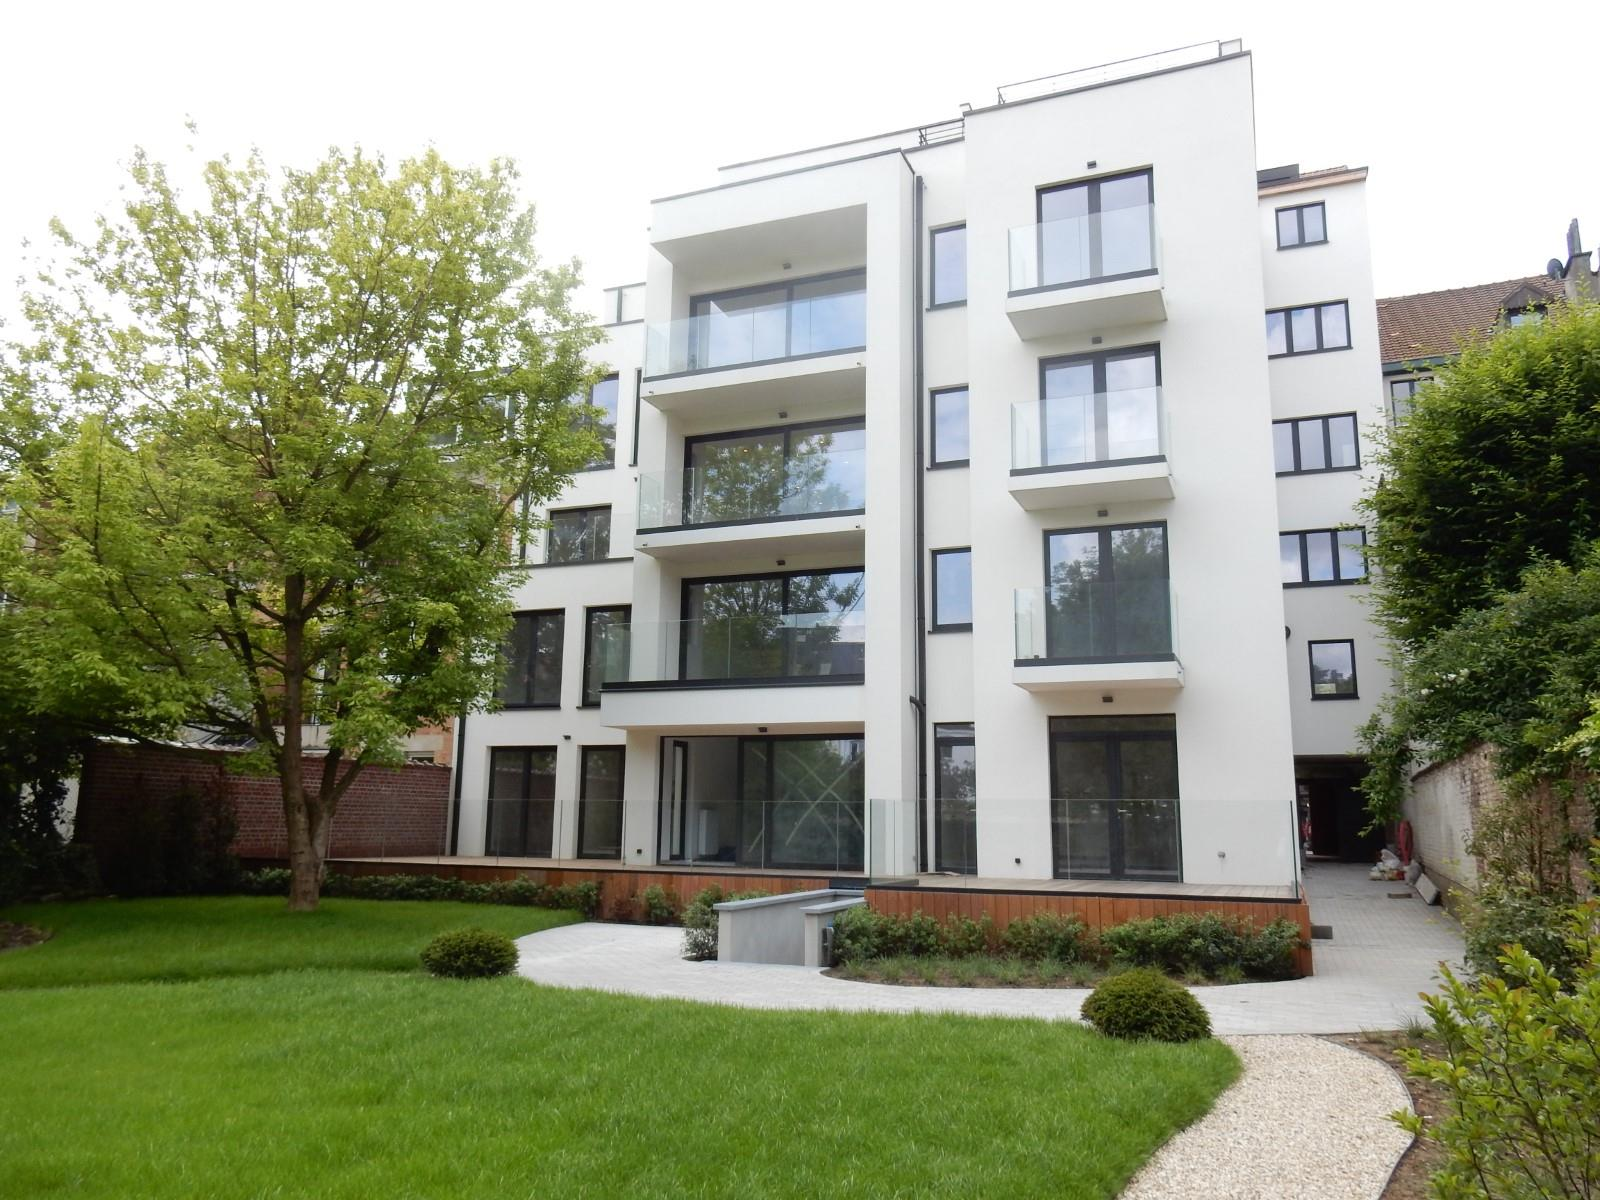 Appartement exceptionnel - Ixelles - #3929616-16